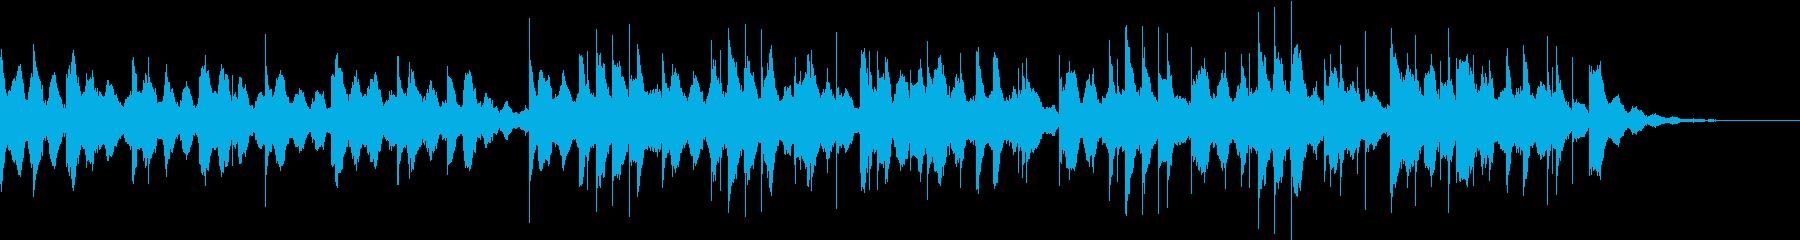 ショートサイズのラブレターBGMの再生済みの波形